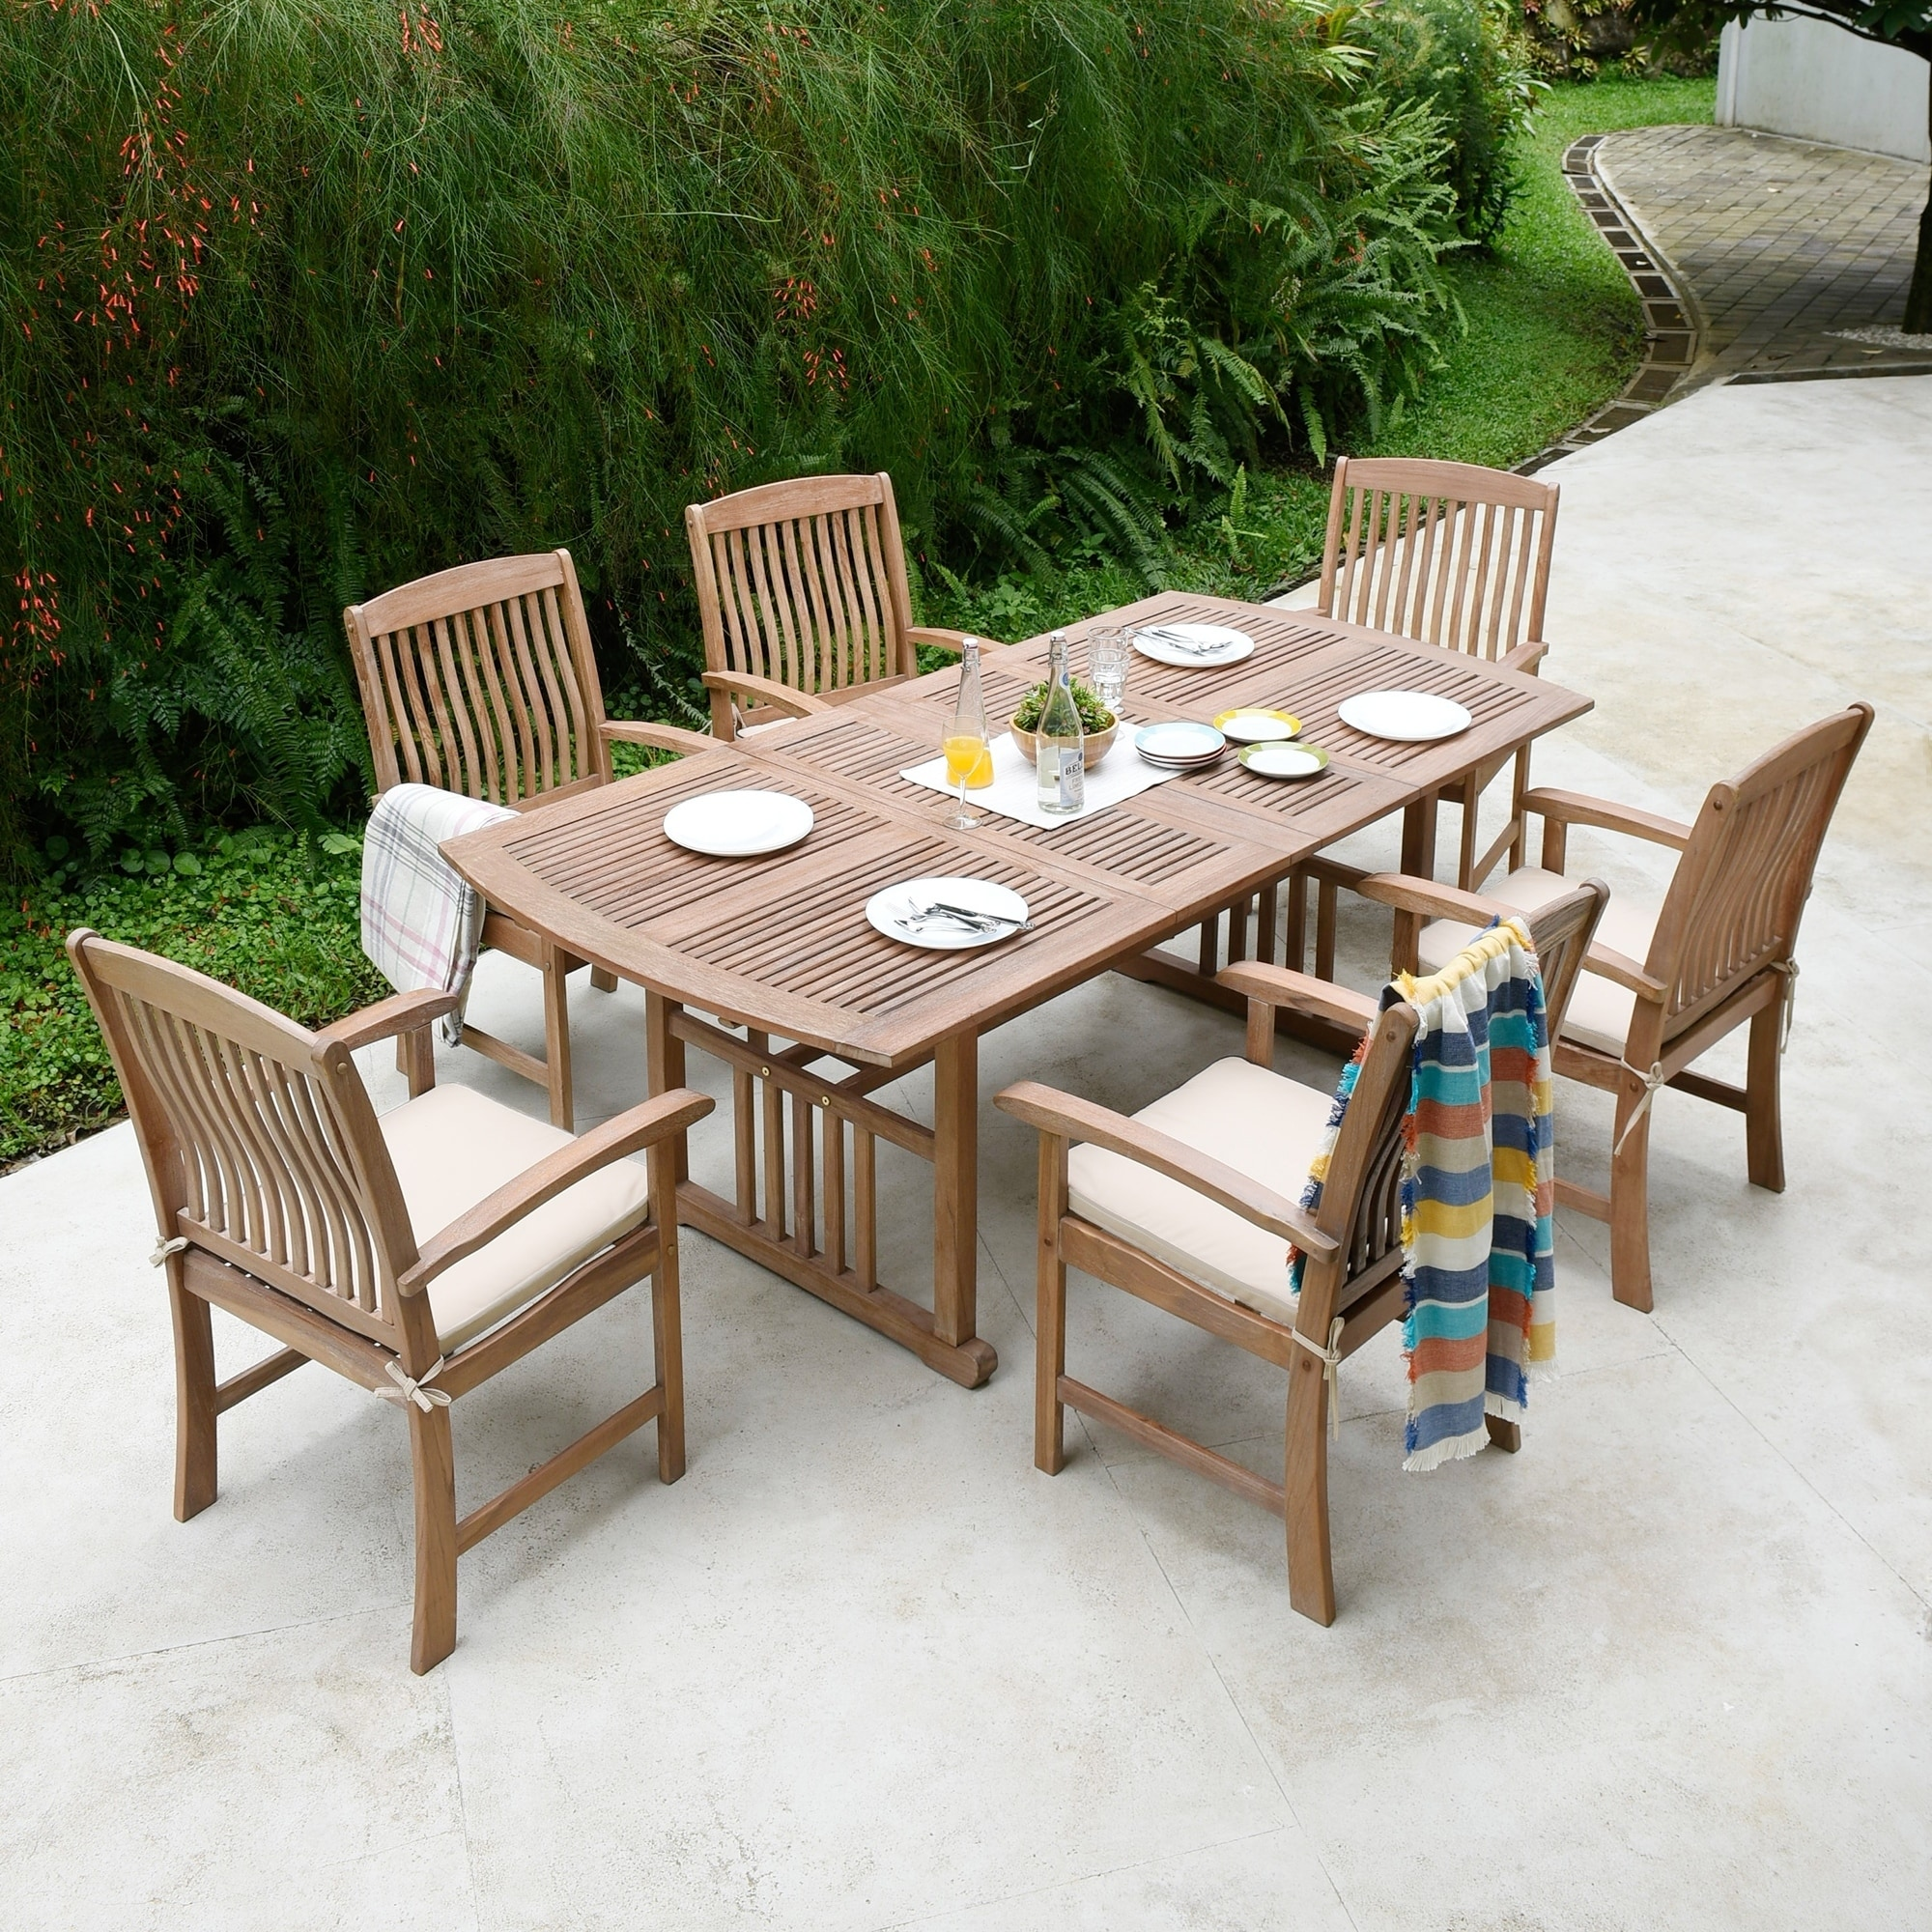 Superieur Havenside Home Chignik Casual 7 Piece Teak Patio Extendable Dining Set